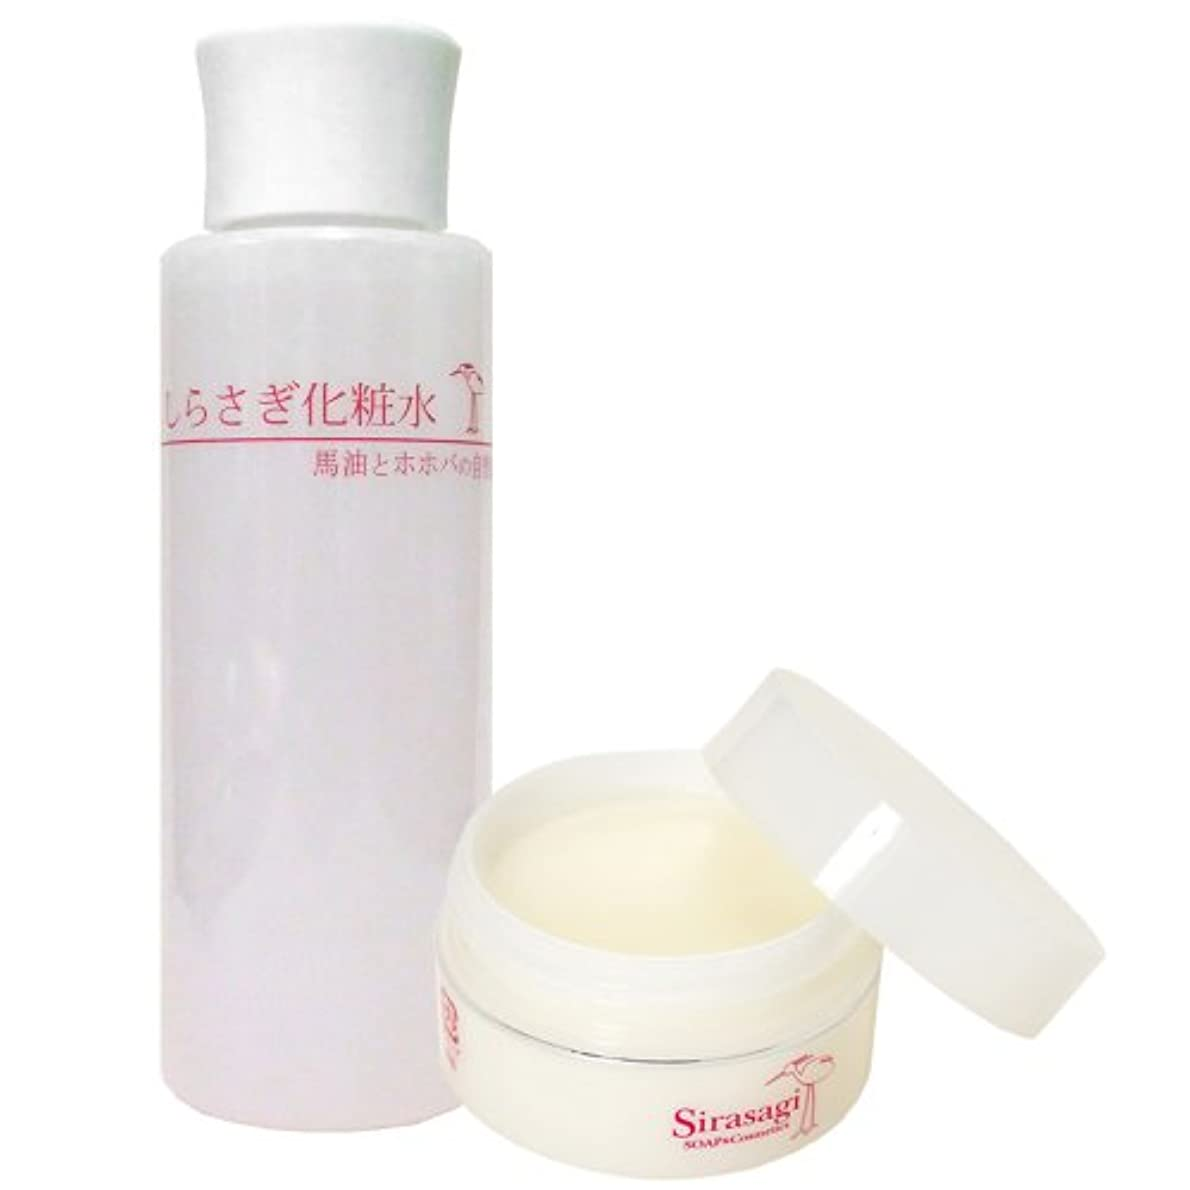 文句を言う糸メンバーしらさぎクリーム(ラベンダーとローズウッドの香り)としらさぎ化粧水のセット